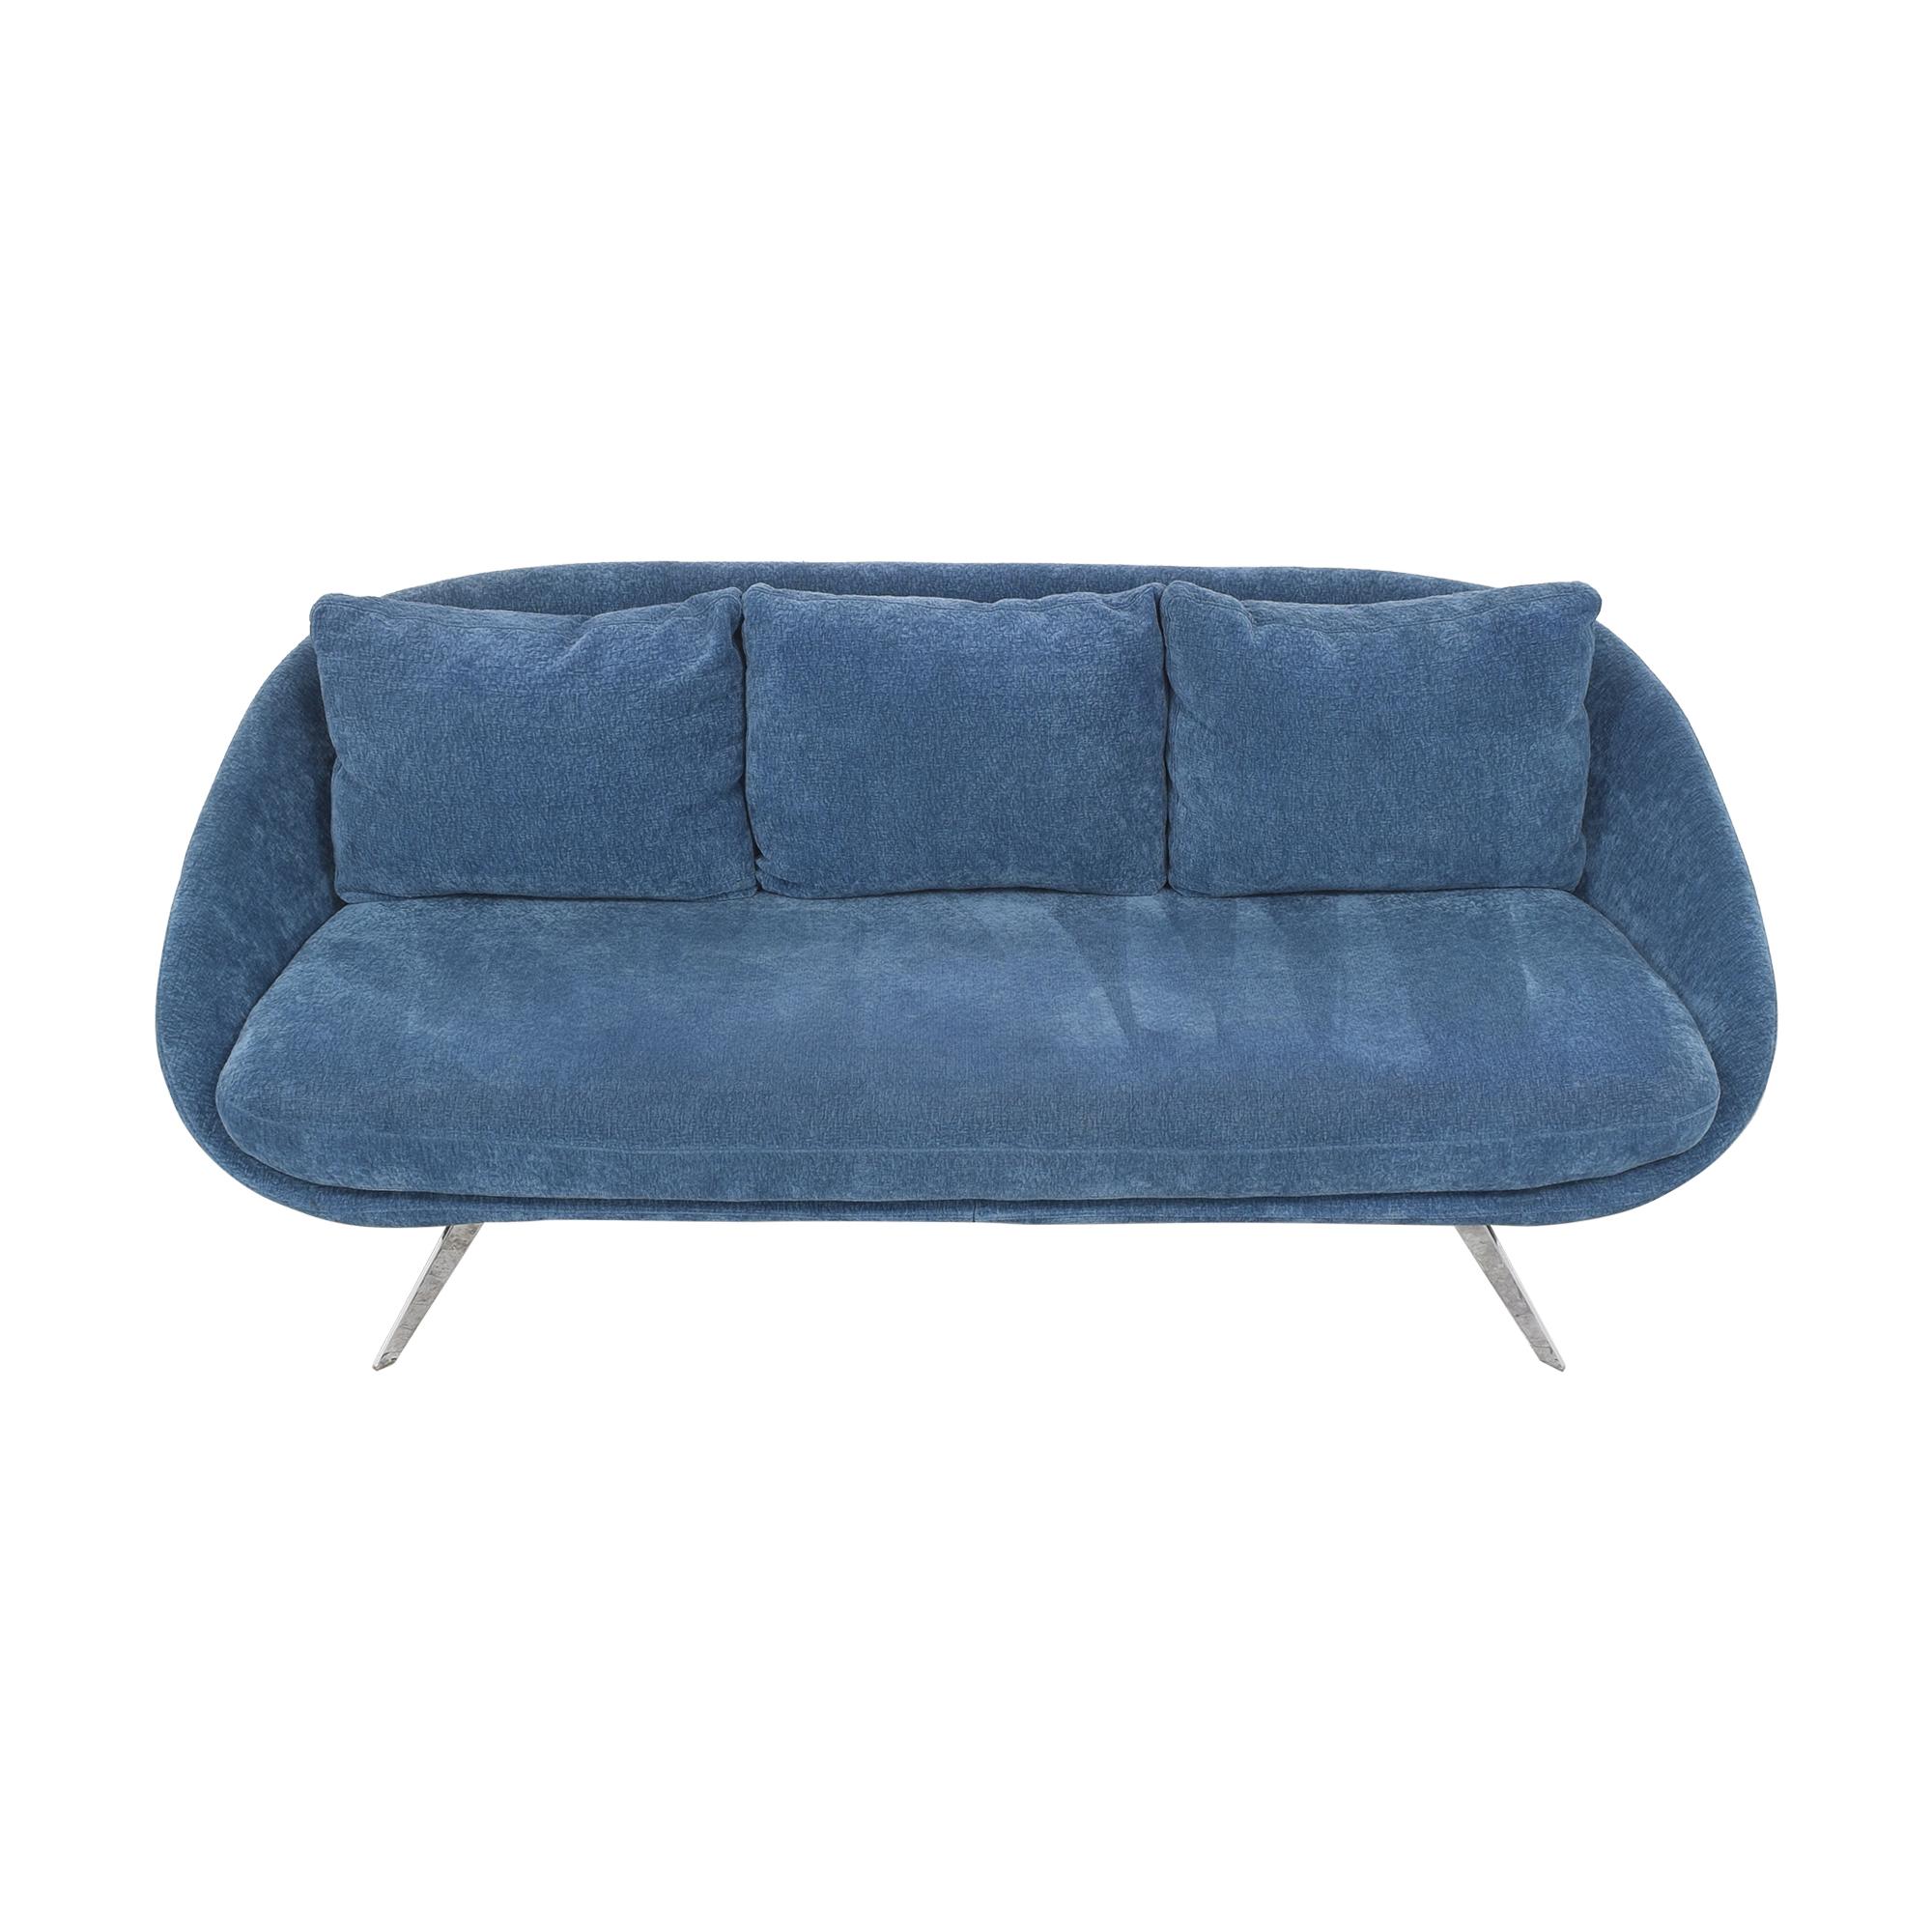 Bloomingdale's Bloomingdale's Amelie Sofa used